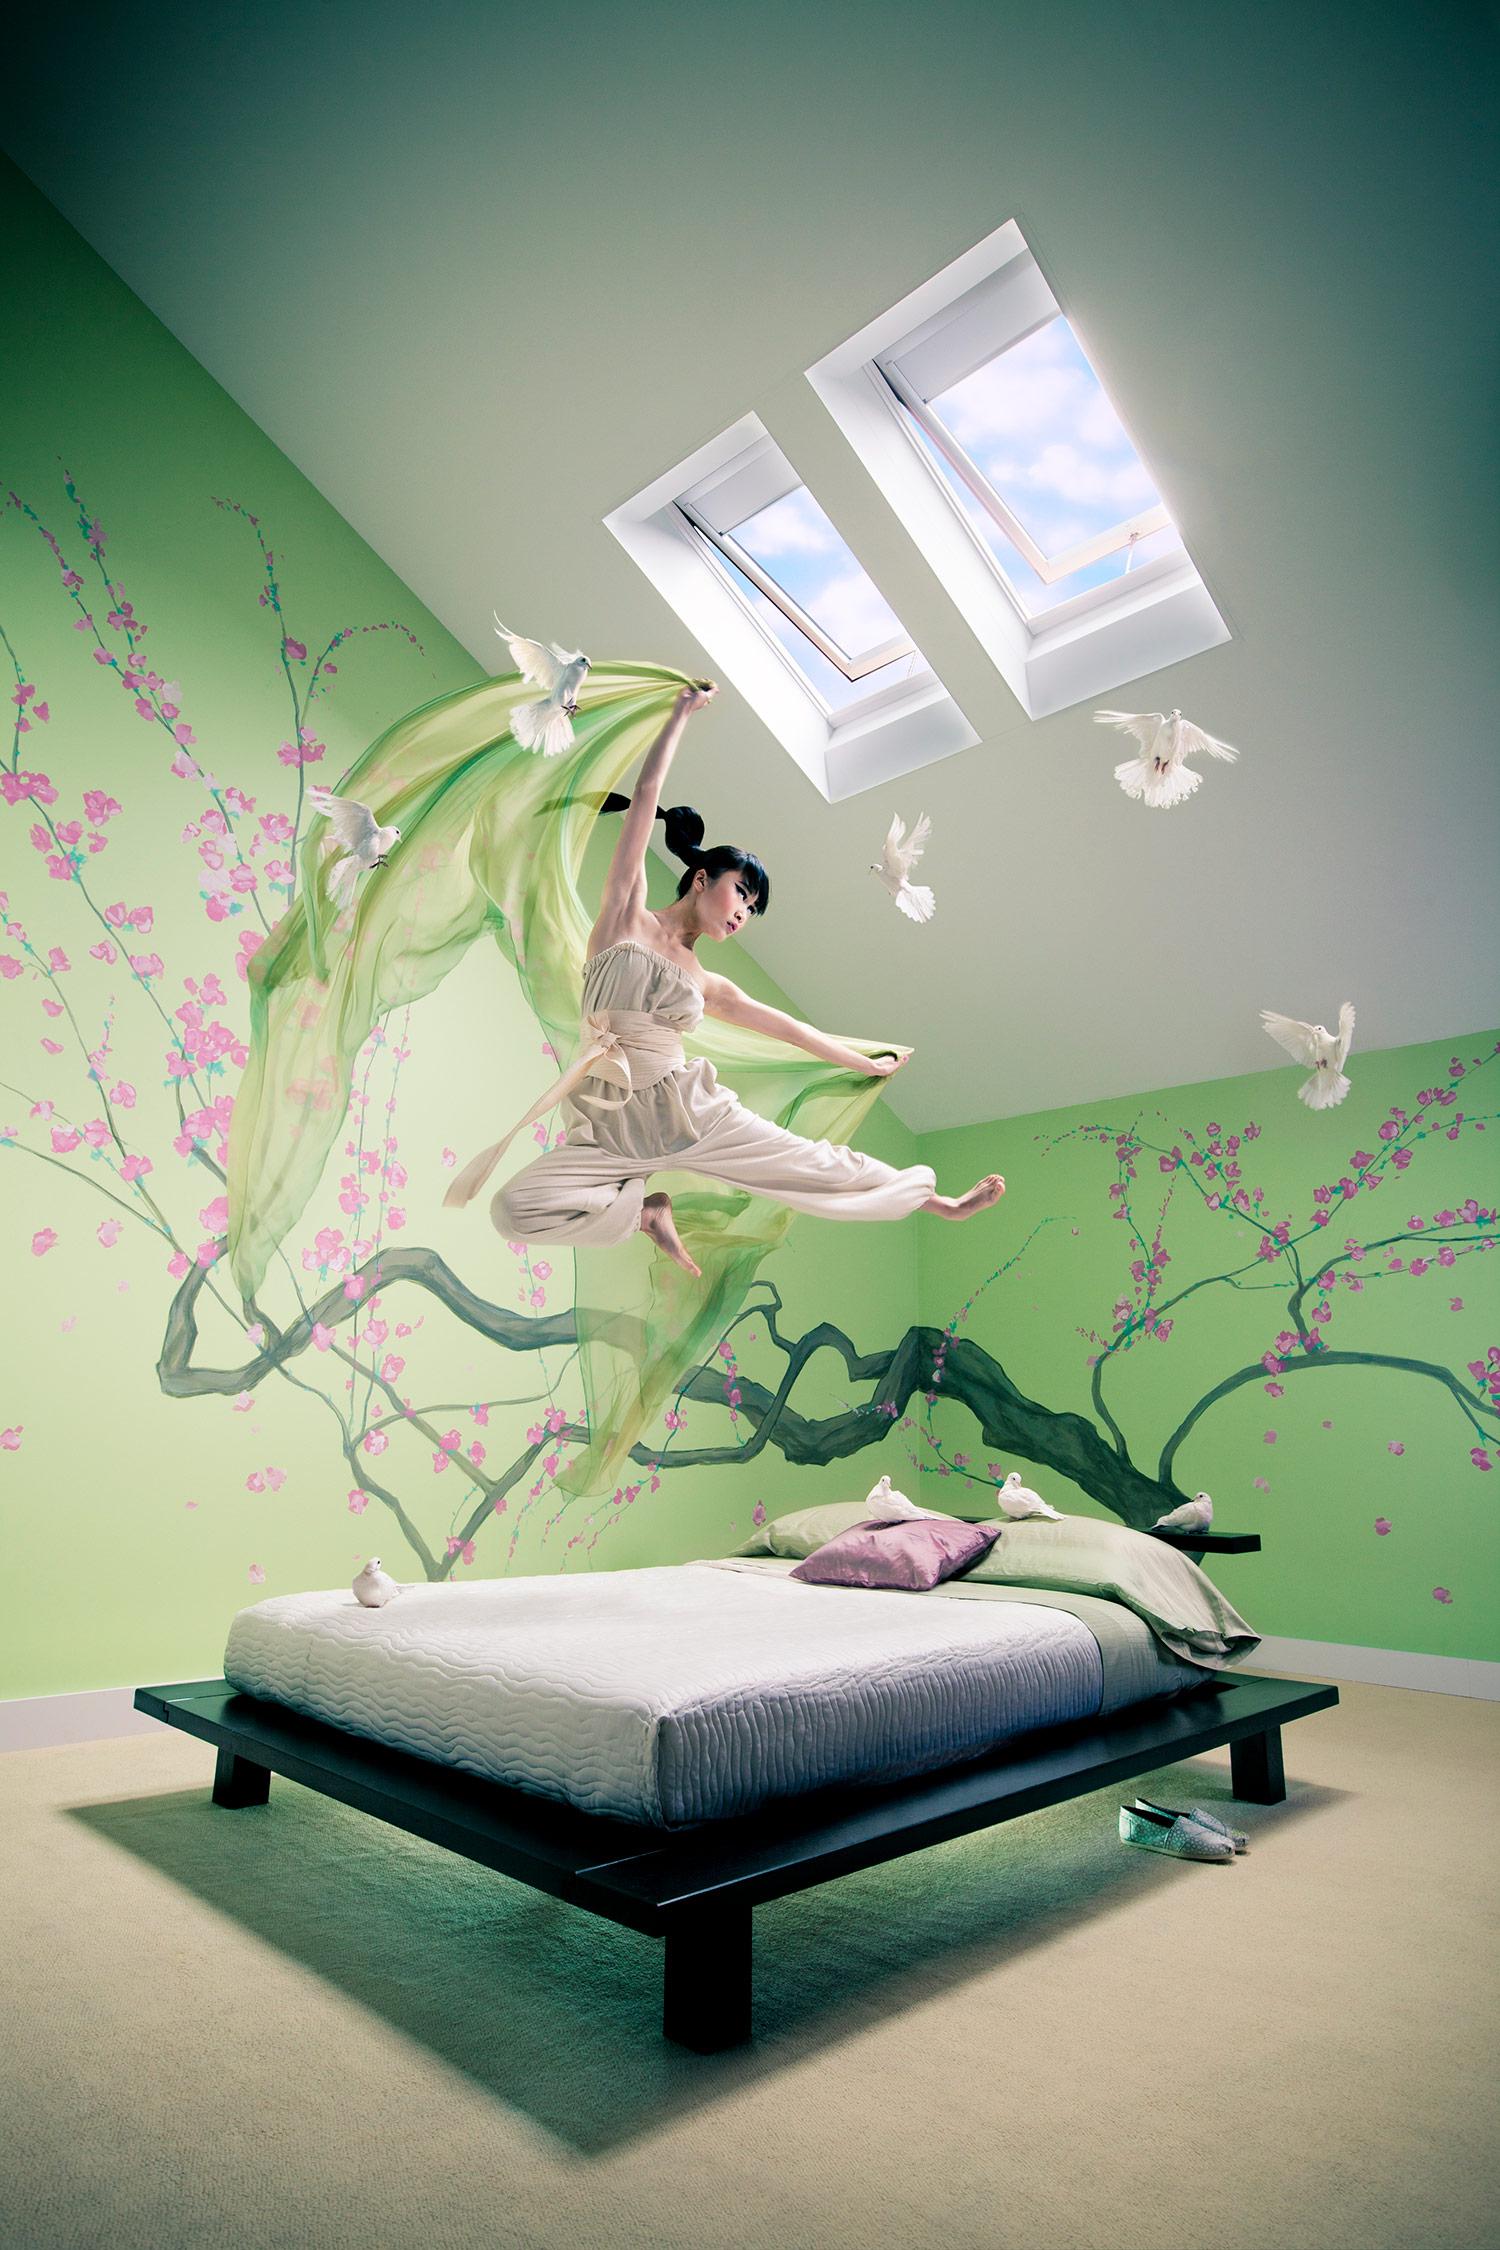 drama_bedroom_v4_flat_cb.jpg